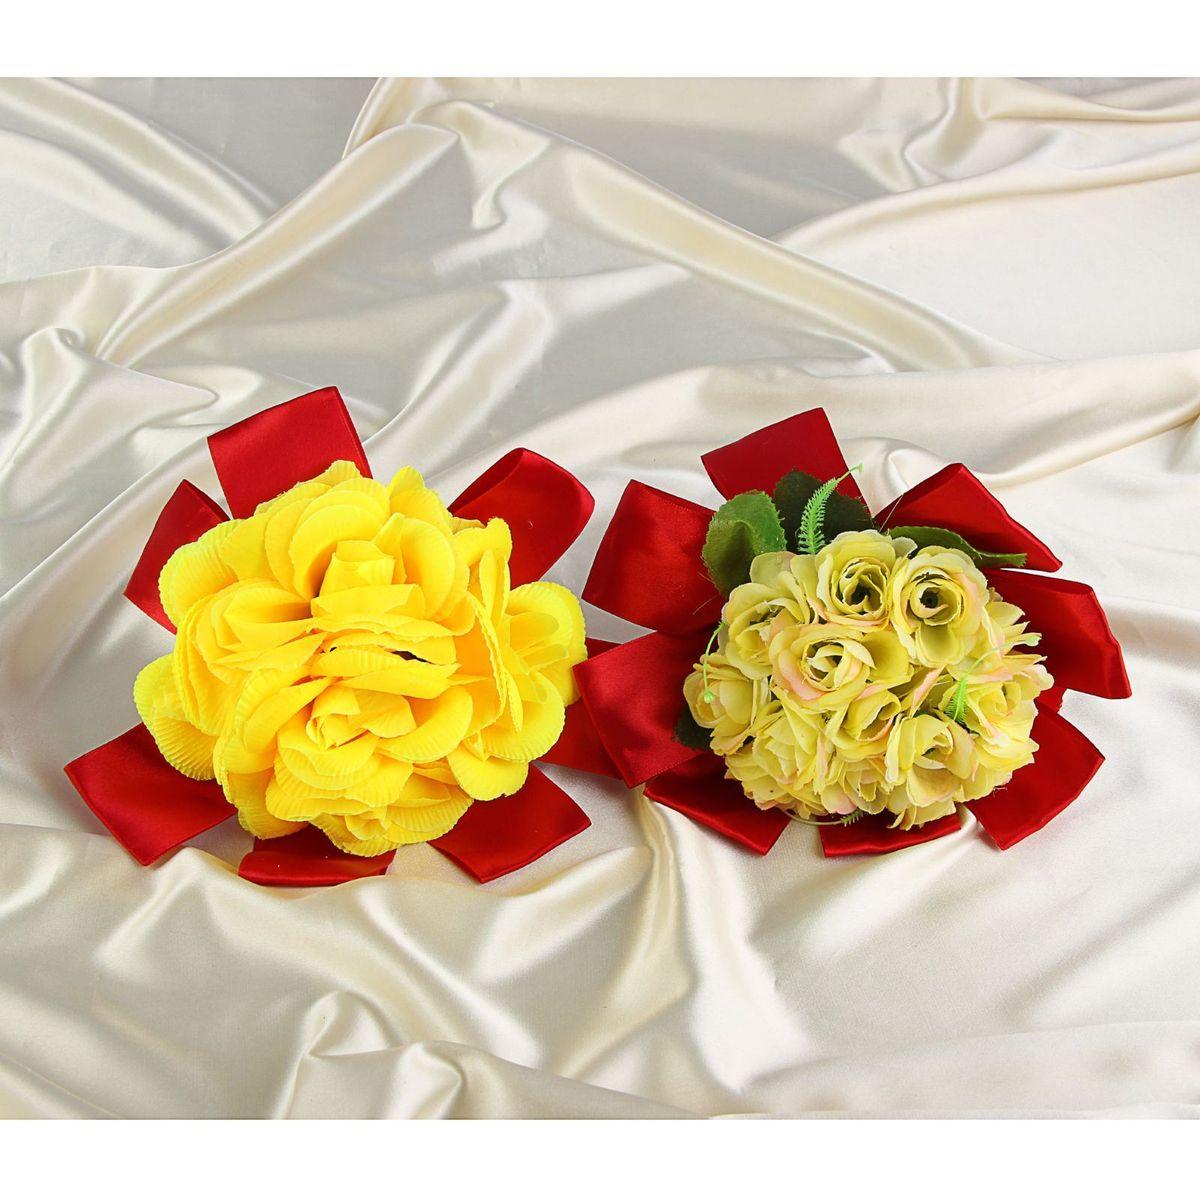 Букет-дублер Sima-land, цвет: желтый, красный. 1251164MB860Добавьте в интерьер частичку весны! Дублер букета невесты из желтых цветов в красном оформлении микс будет радовать неувядающей красотой не один год. Просто поставьте его в вазу или создайте пышную композицию.Искусственные растения не требуют поливки, особого освещения и другого специального ухода. Они украсят любое помещение (например, ванную с повышенной влажностью или затемнённый коридор).Дом становится уютным благодаря мелочам. Преобразите интерьер, а вместе с ним улучшится и настроение